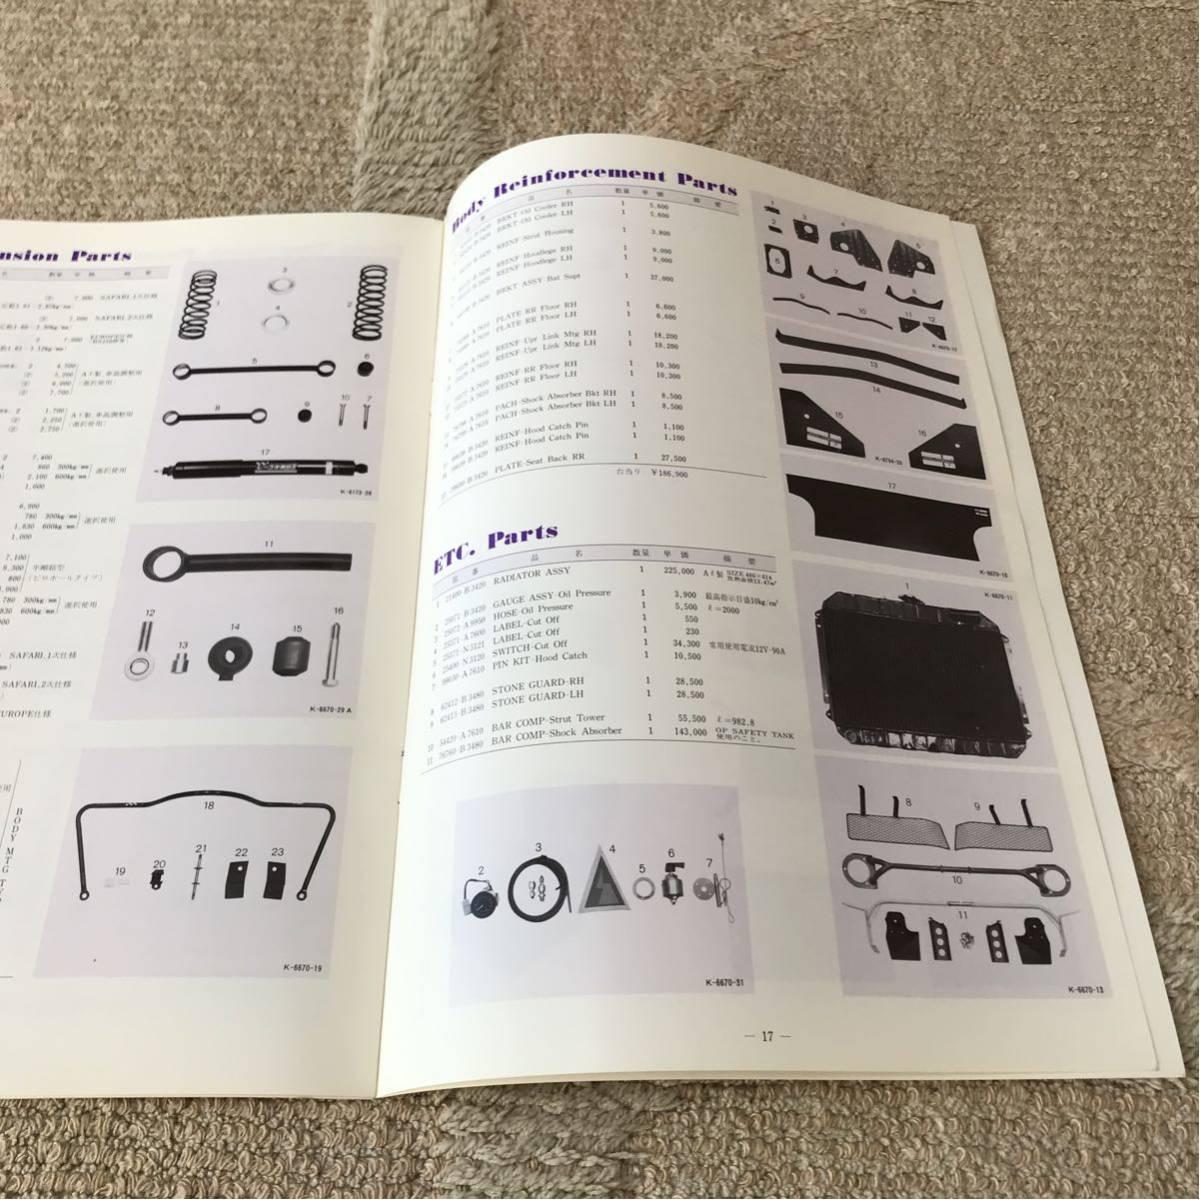 【美品】NISSAN 240RS BS110 SPORTS OPTION PARTS カタログ シルビア ガゼール_画像4